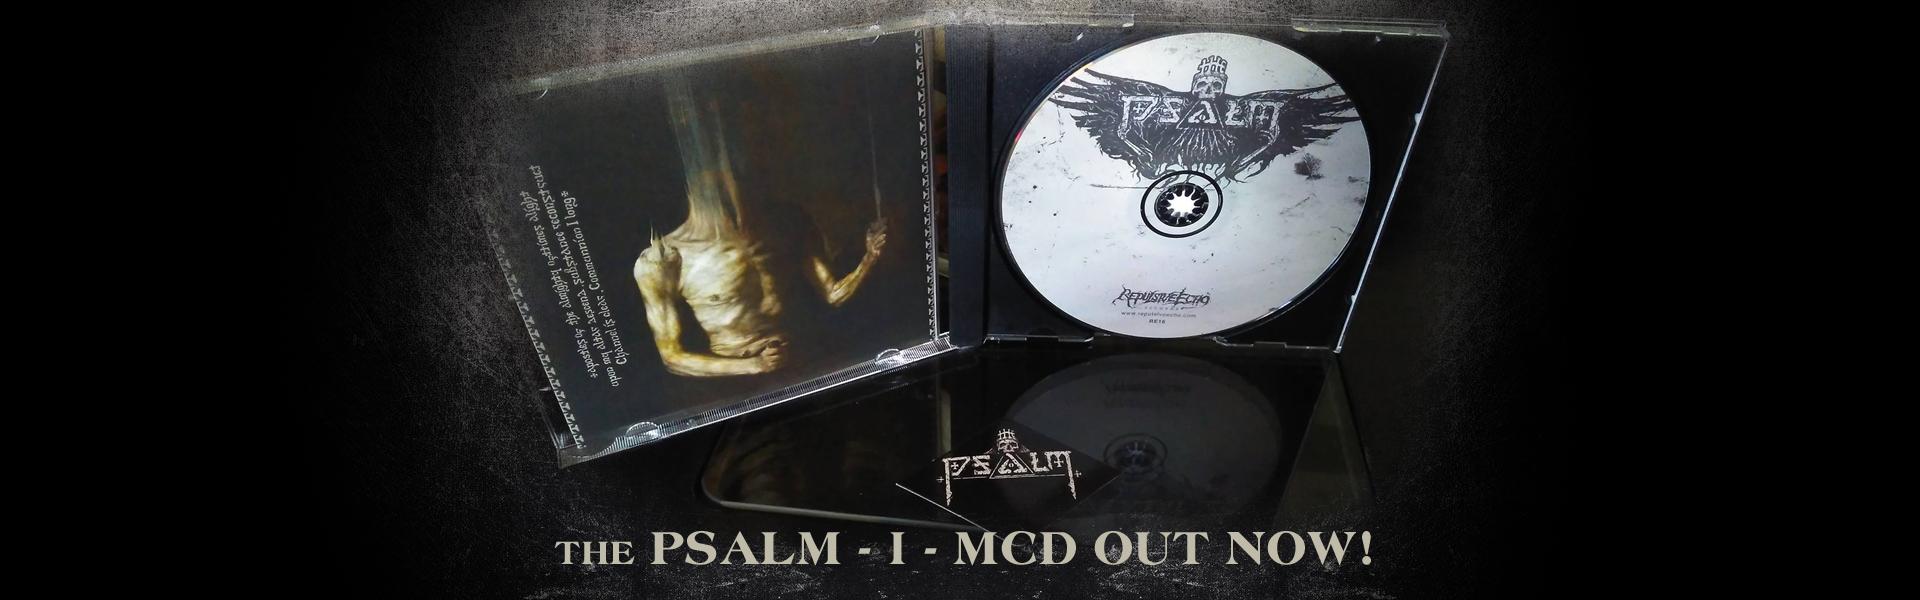 http://www.repulsiveecho.com/wp-content/uploads/2017/12/PSALMBANNER.jpg